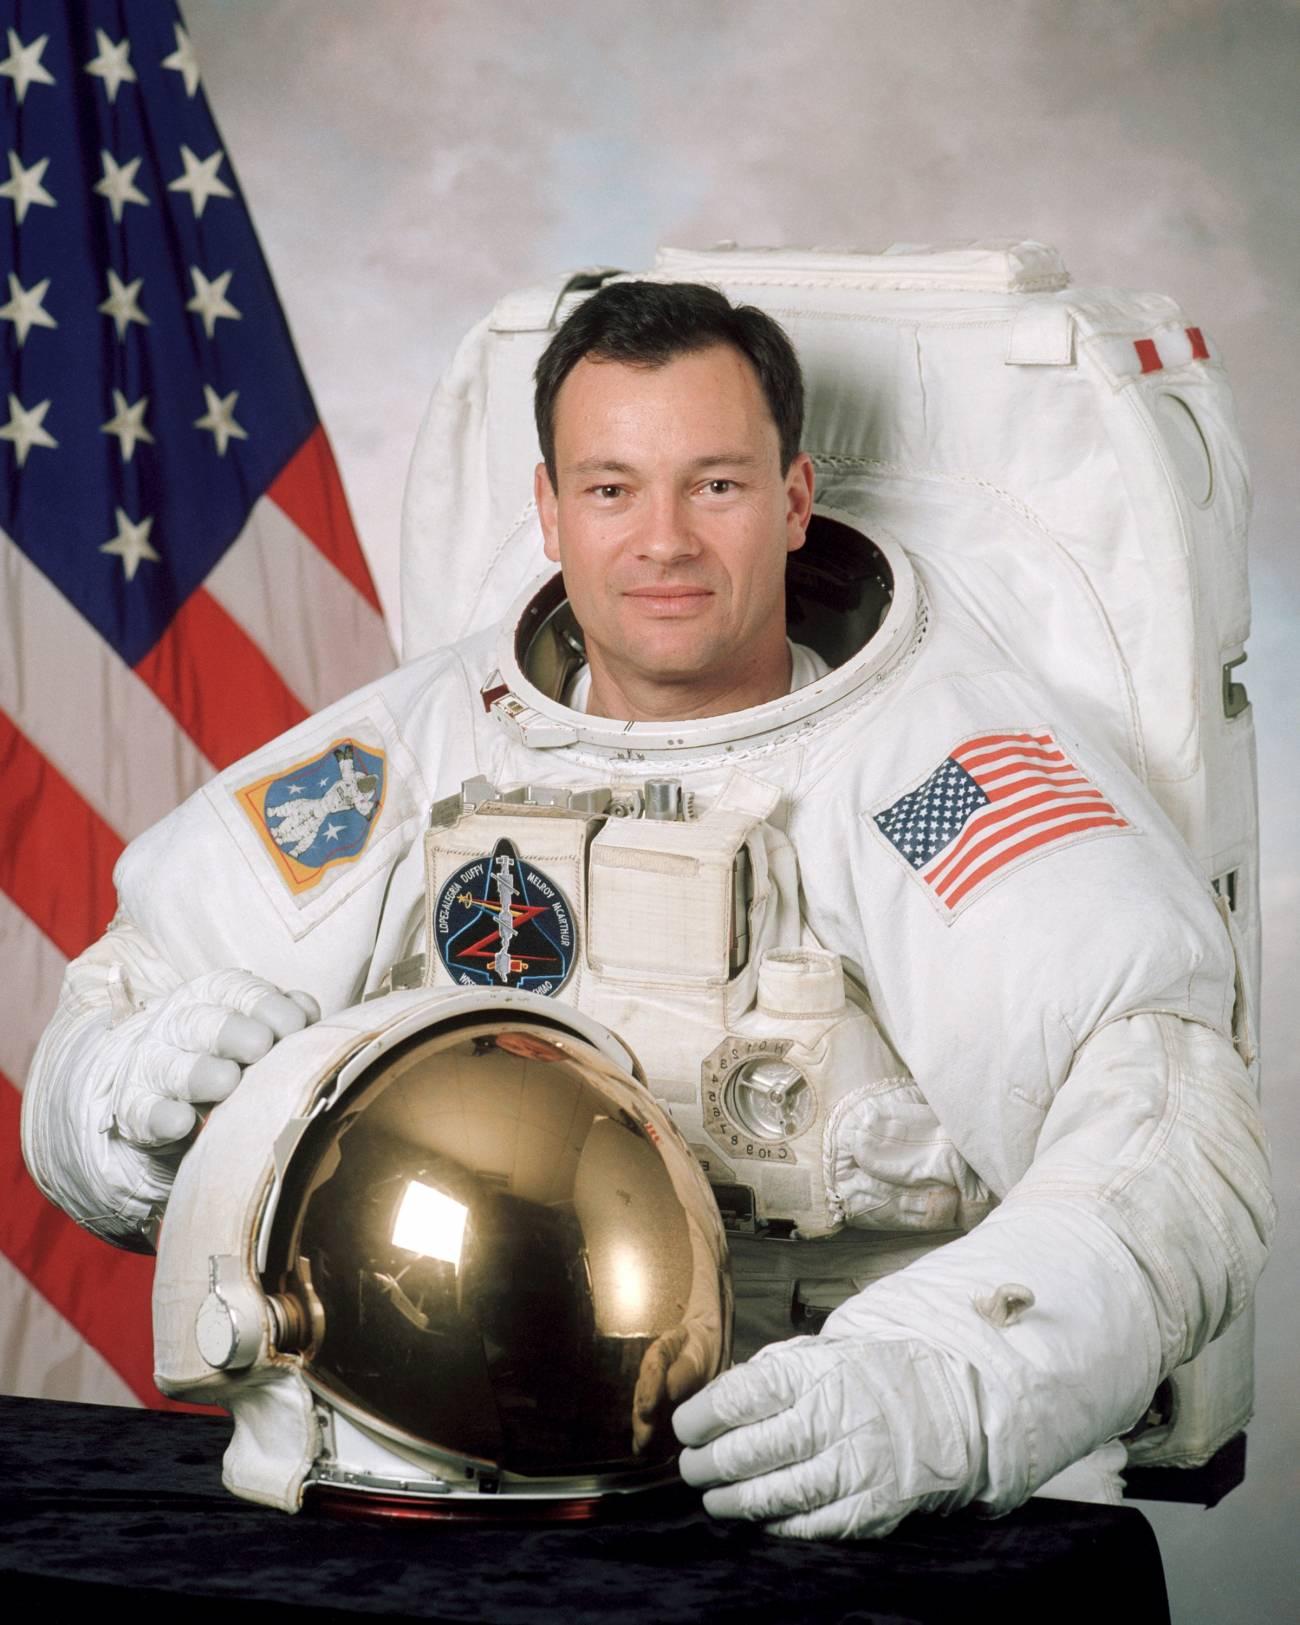 El astronauta Miguel López Alegría. Imagen: NASA